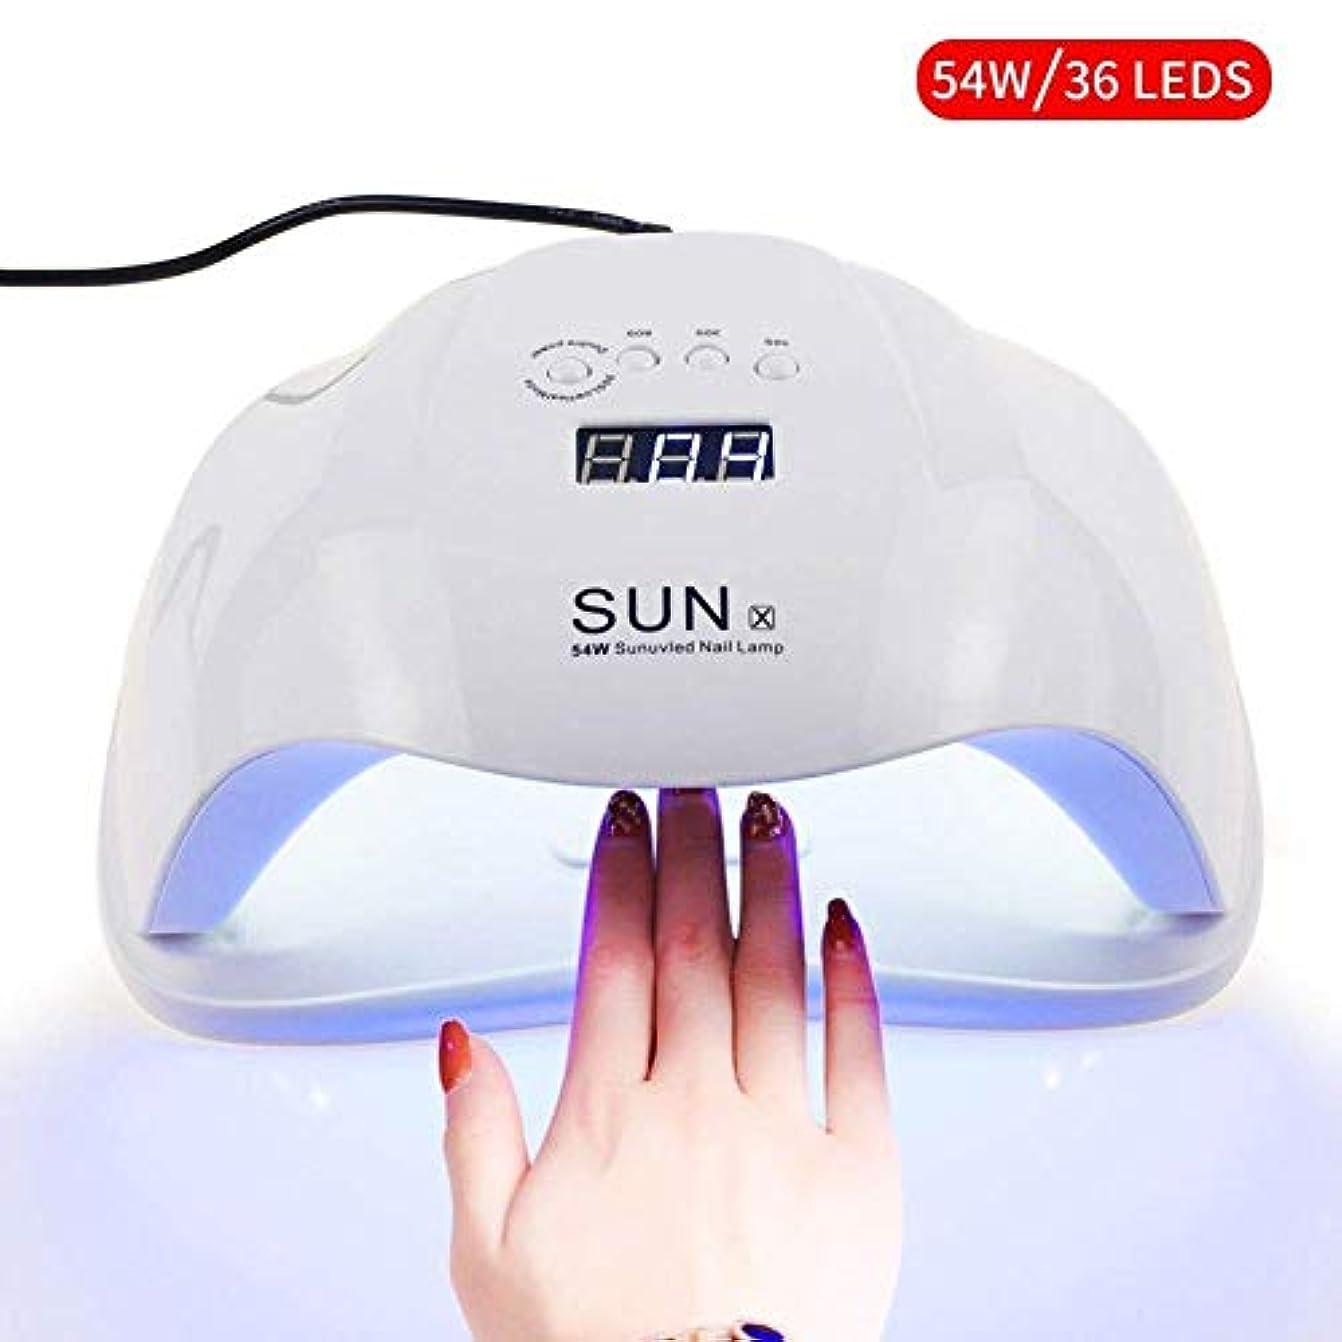 スライムカブ昆虫を見るネイルドライヤー54W UVランプLEDネイルランプ、赤外線感知30/60/90秒タイマースマートタッチボタンネイルドライヤーマニキュア、すべてのゲル用ポリッシュ、絵のような色